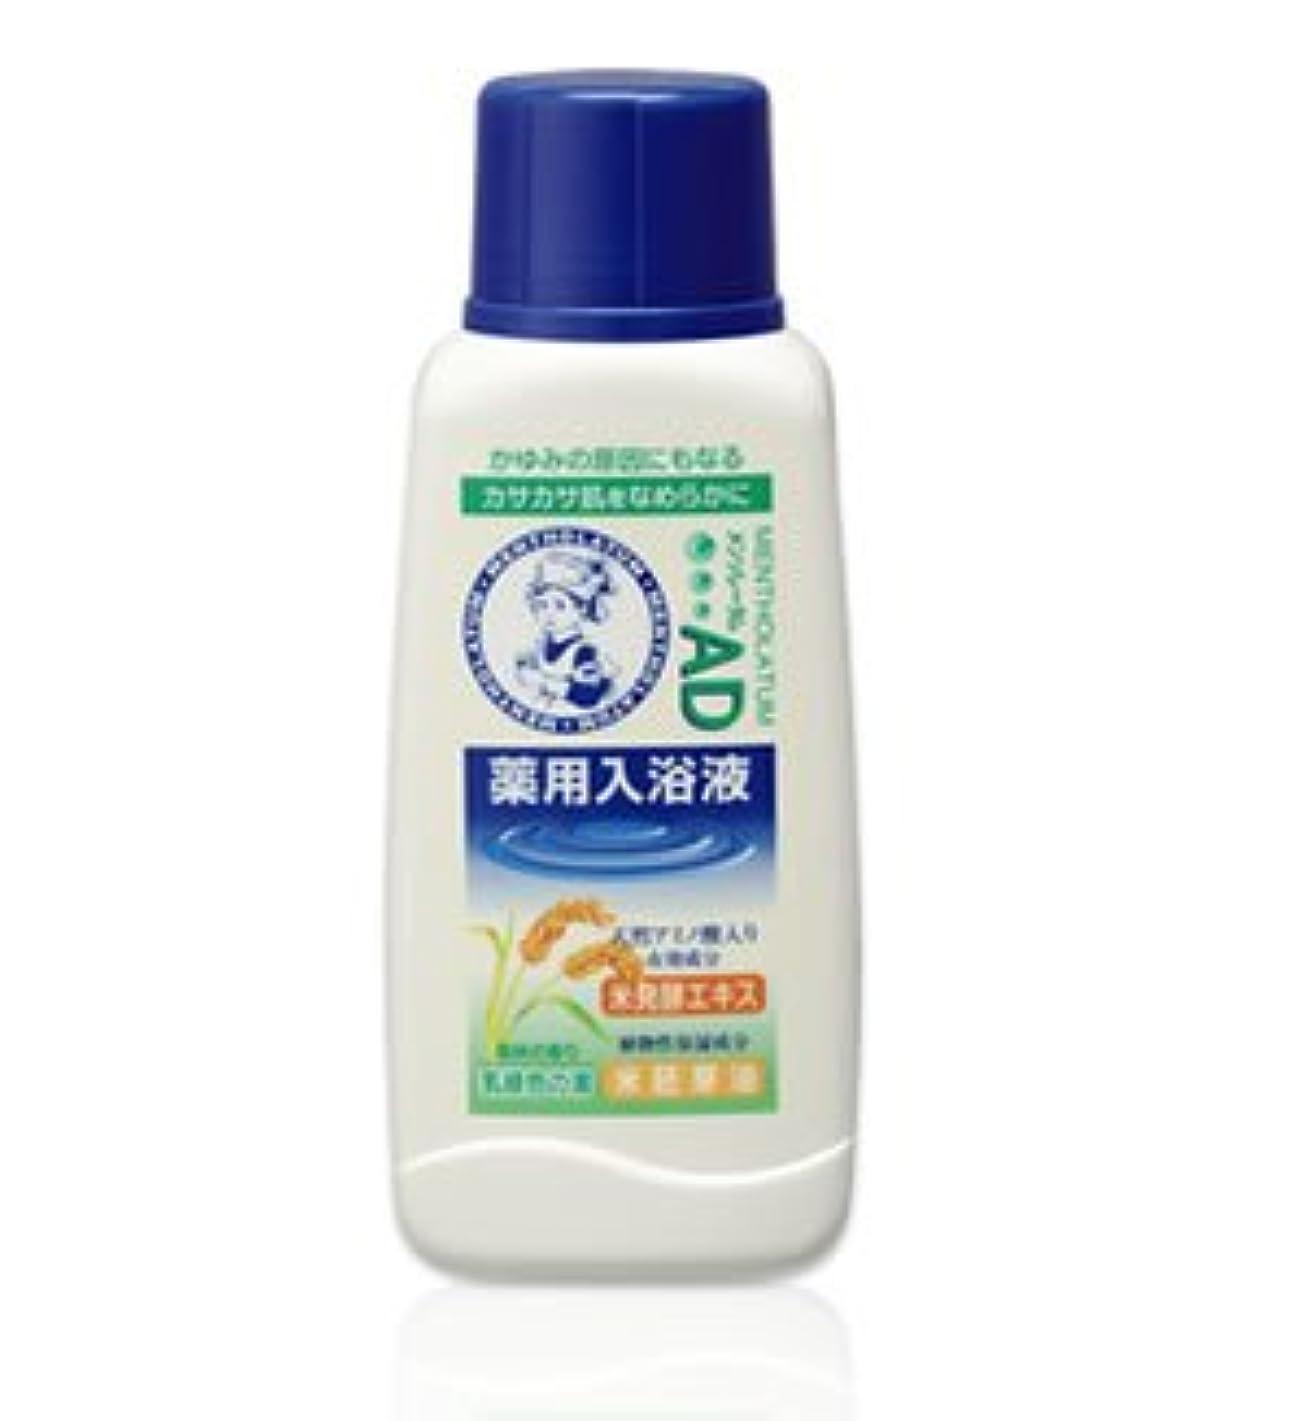 (ロート)メンソレータム AD薬用入浴剤 森林の香り720ml(医薬部外品)(お買い得3本セット)